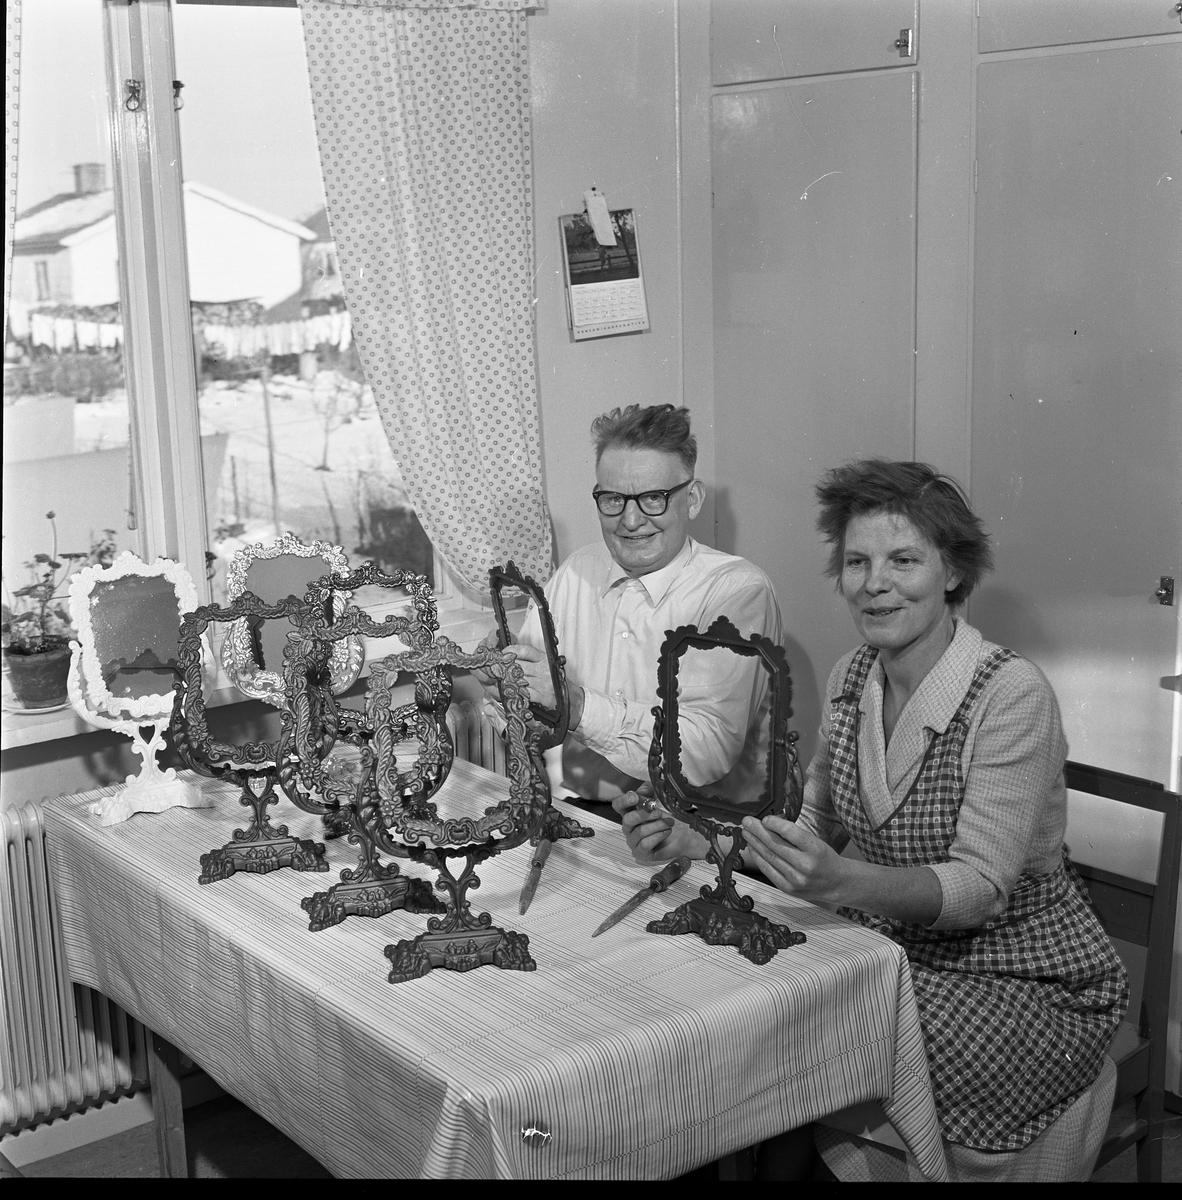 Börjesson tillverkar Arbogaspegel Ett par sitter vid köksbordet. De har spegelramar uppställda på bordet. Kvinnan har förkläde på sig. På väggen hänger en almanacka. Genom fönstret syns villor.